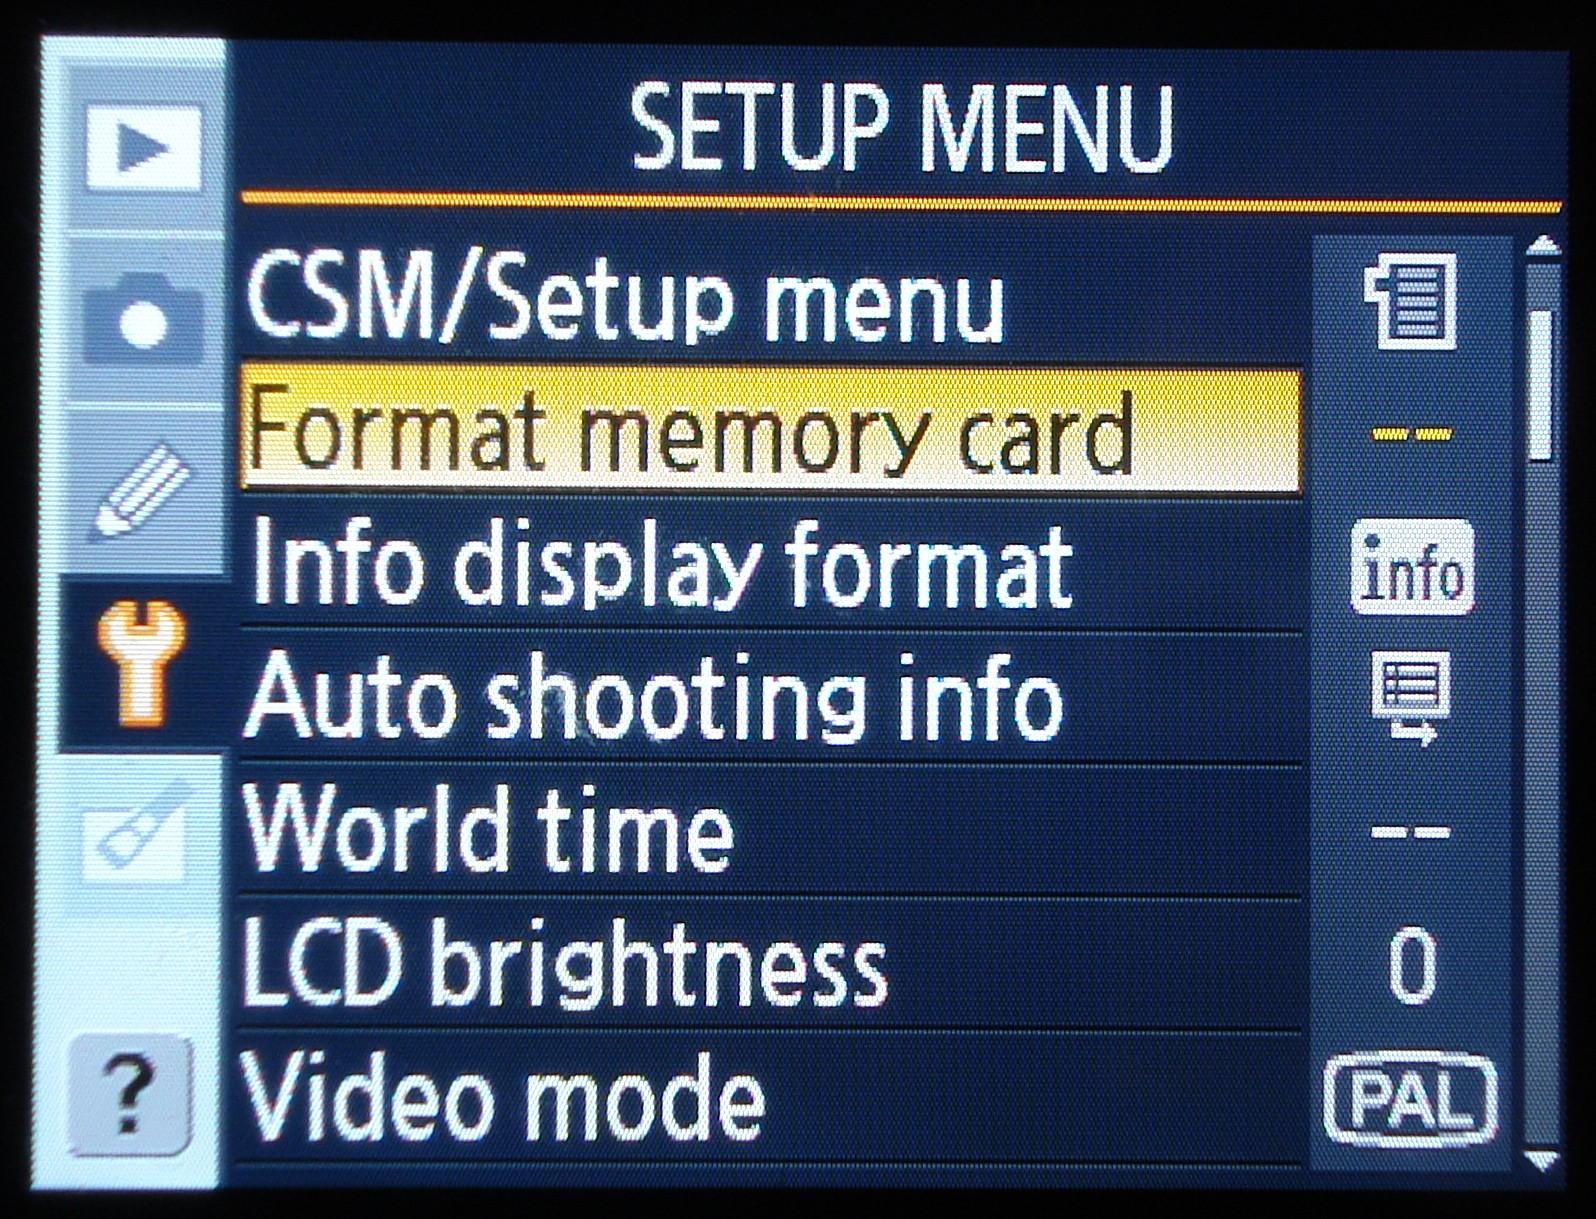 menu setting d 3400 manual mode